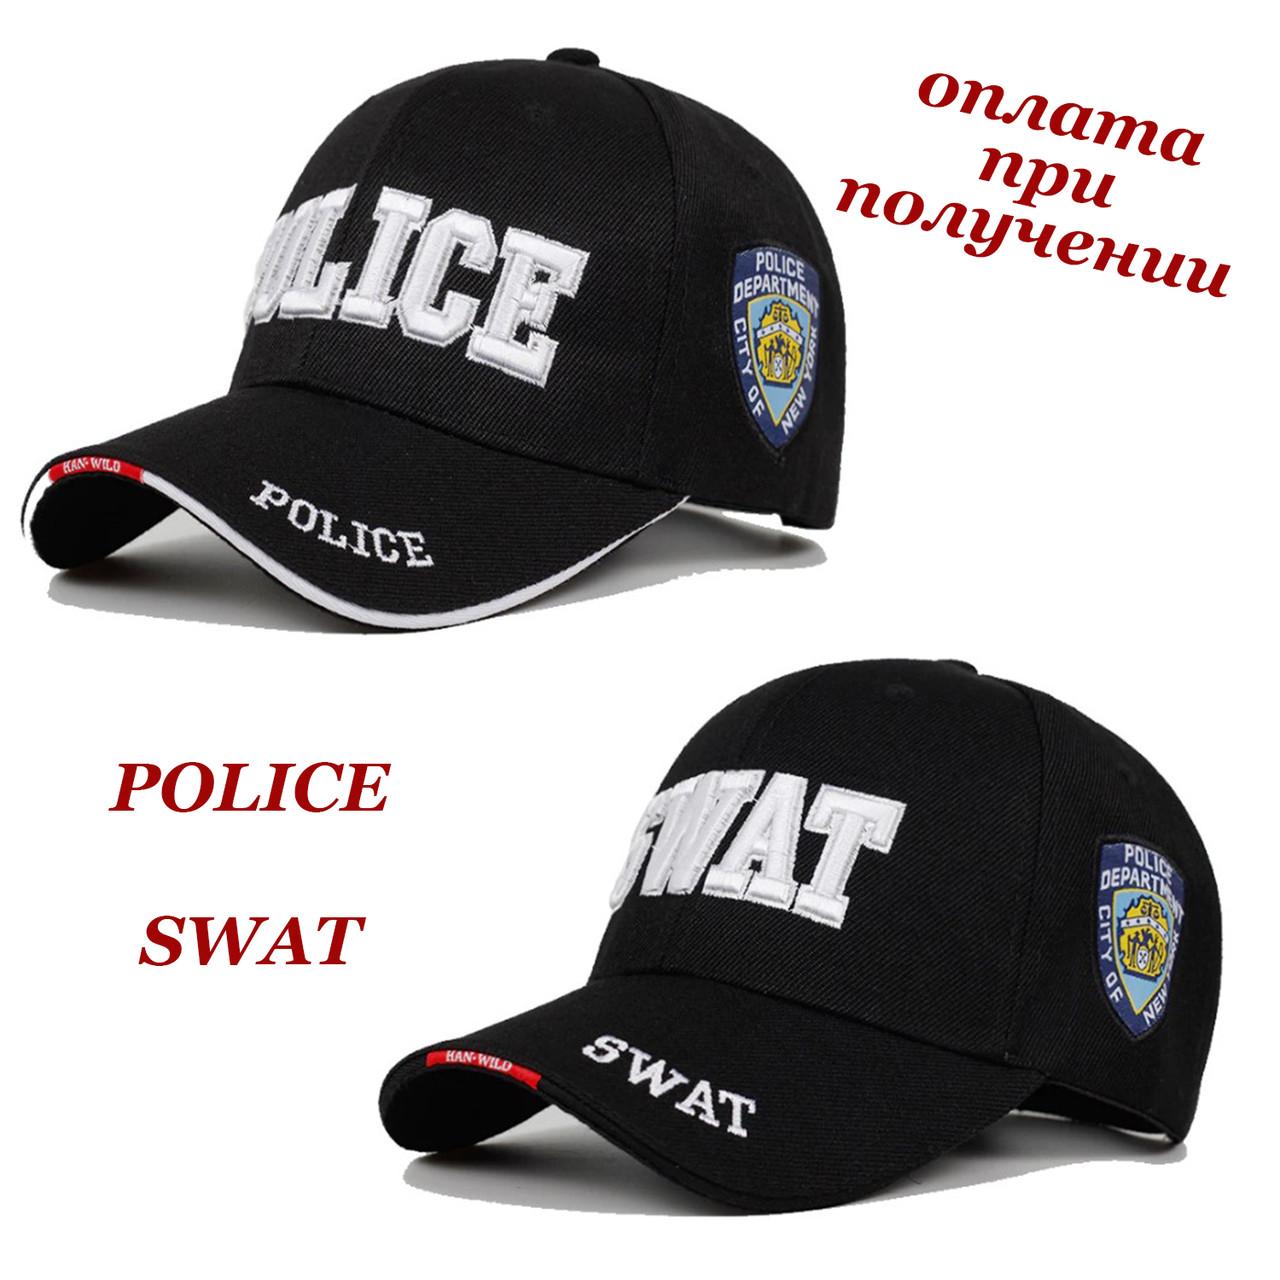 Чоловіча стильна молодіжна кепка бейсболка блайзер POLICE або SWAT